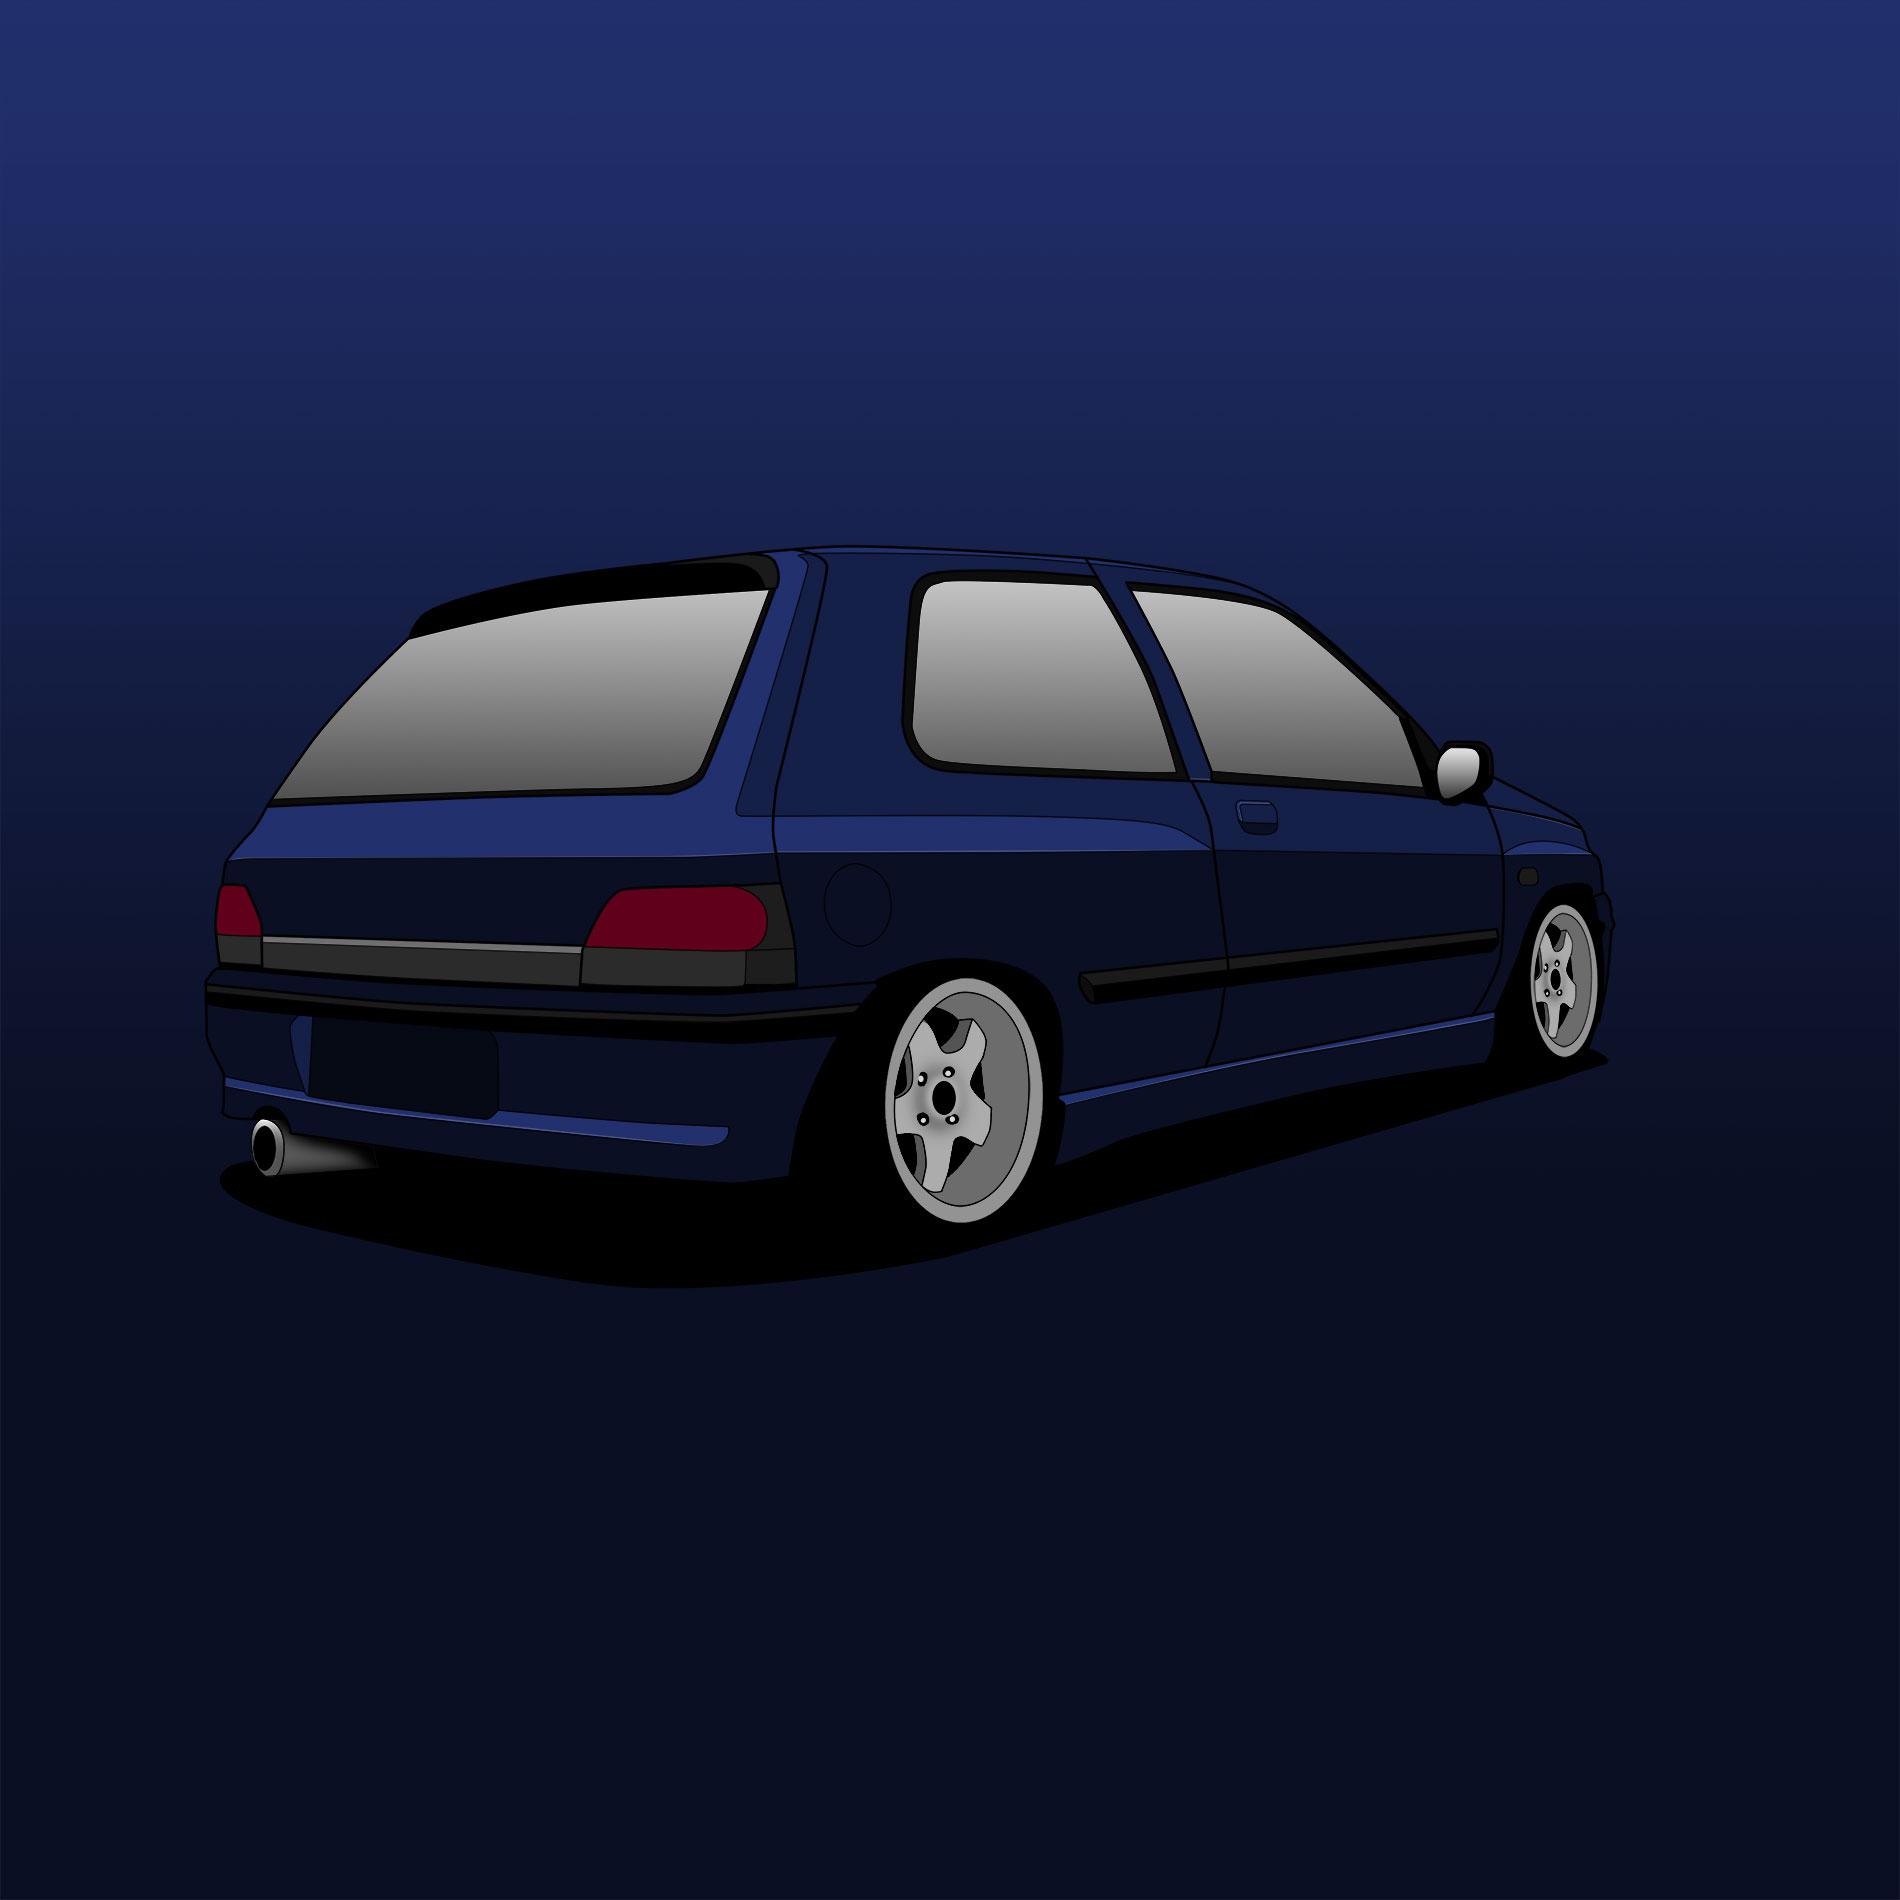 Renault Clio 1 16V – CARtoon – stegotoon